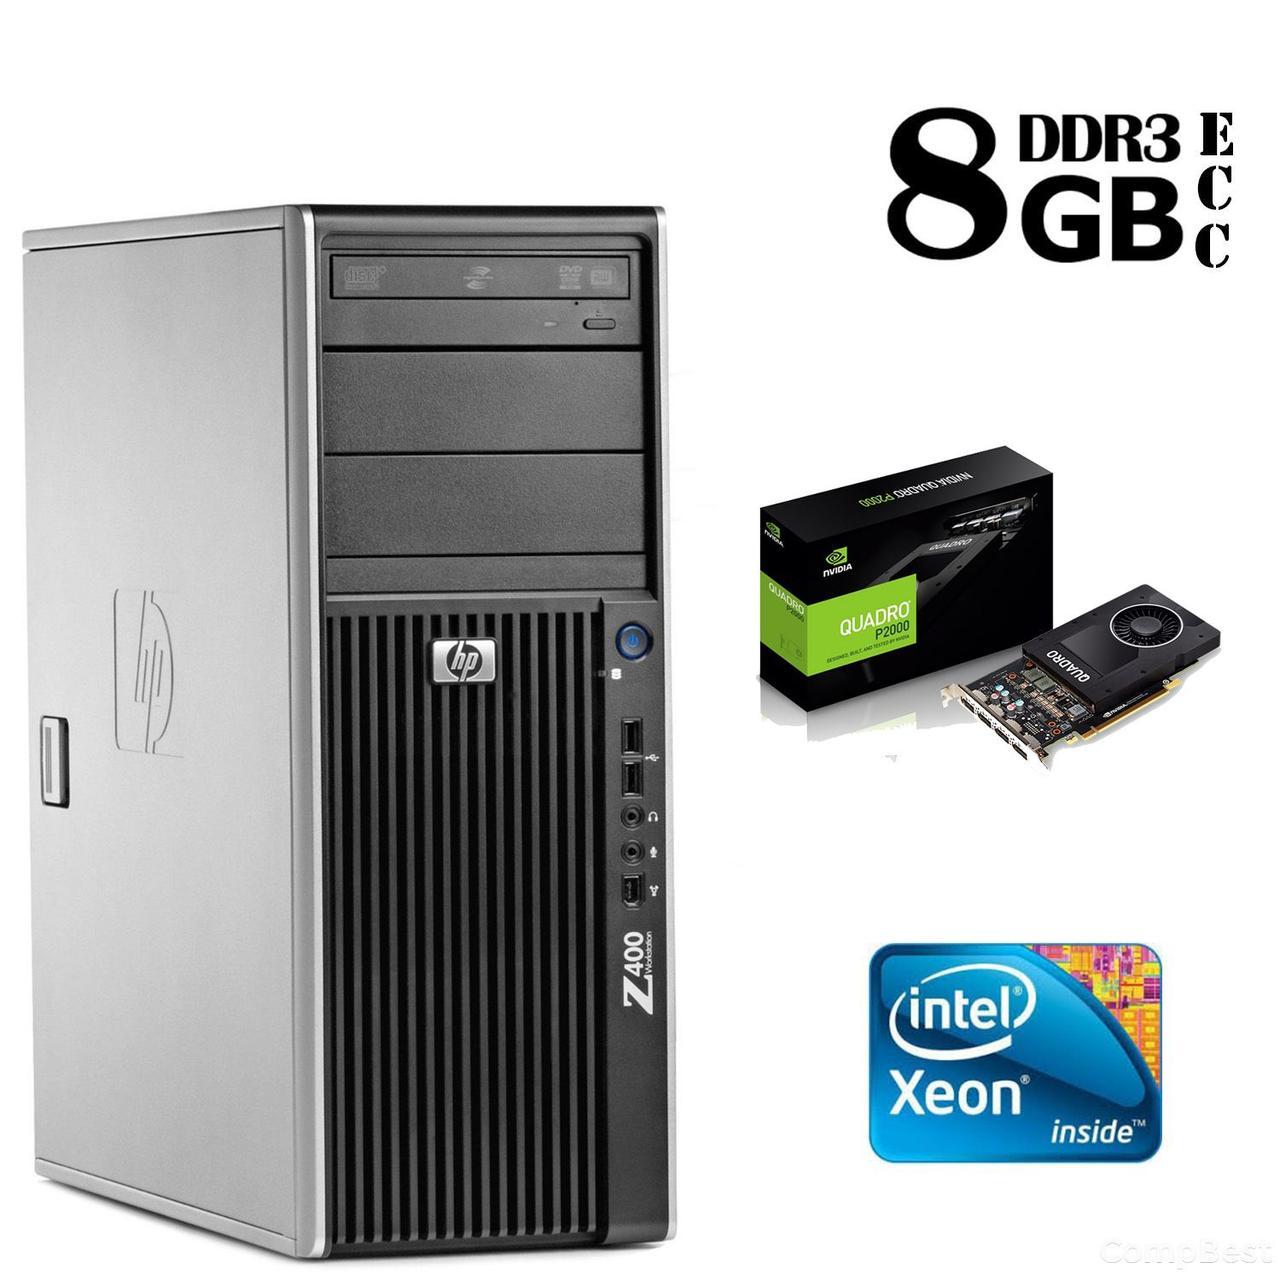 Сервер HP Z400 Tower / Intel Xeon W3565 (4 (8) ядра по 3,20 - 3.46 GHz) / 8GB DDR3/ 1TB HDD / NVIDIA Quadro 2000 1GB DDR5 (128 bit)